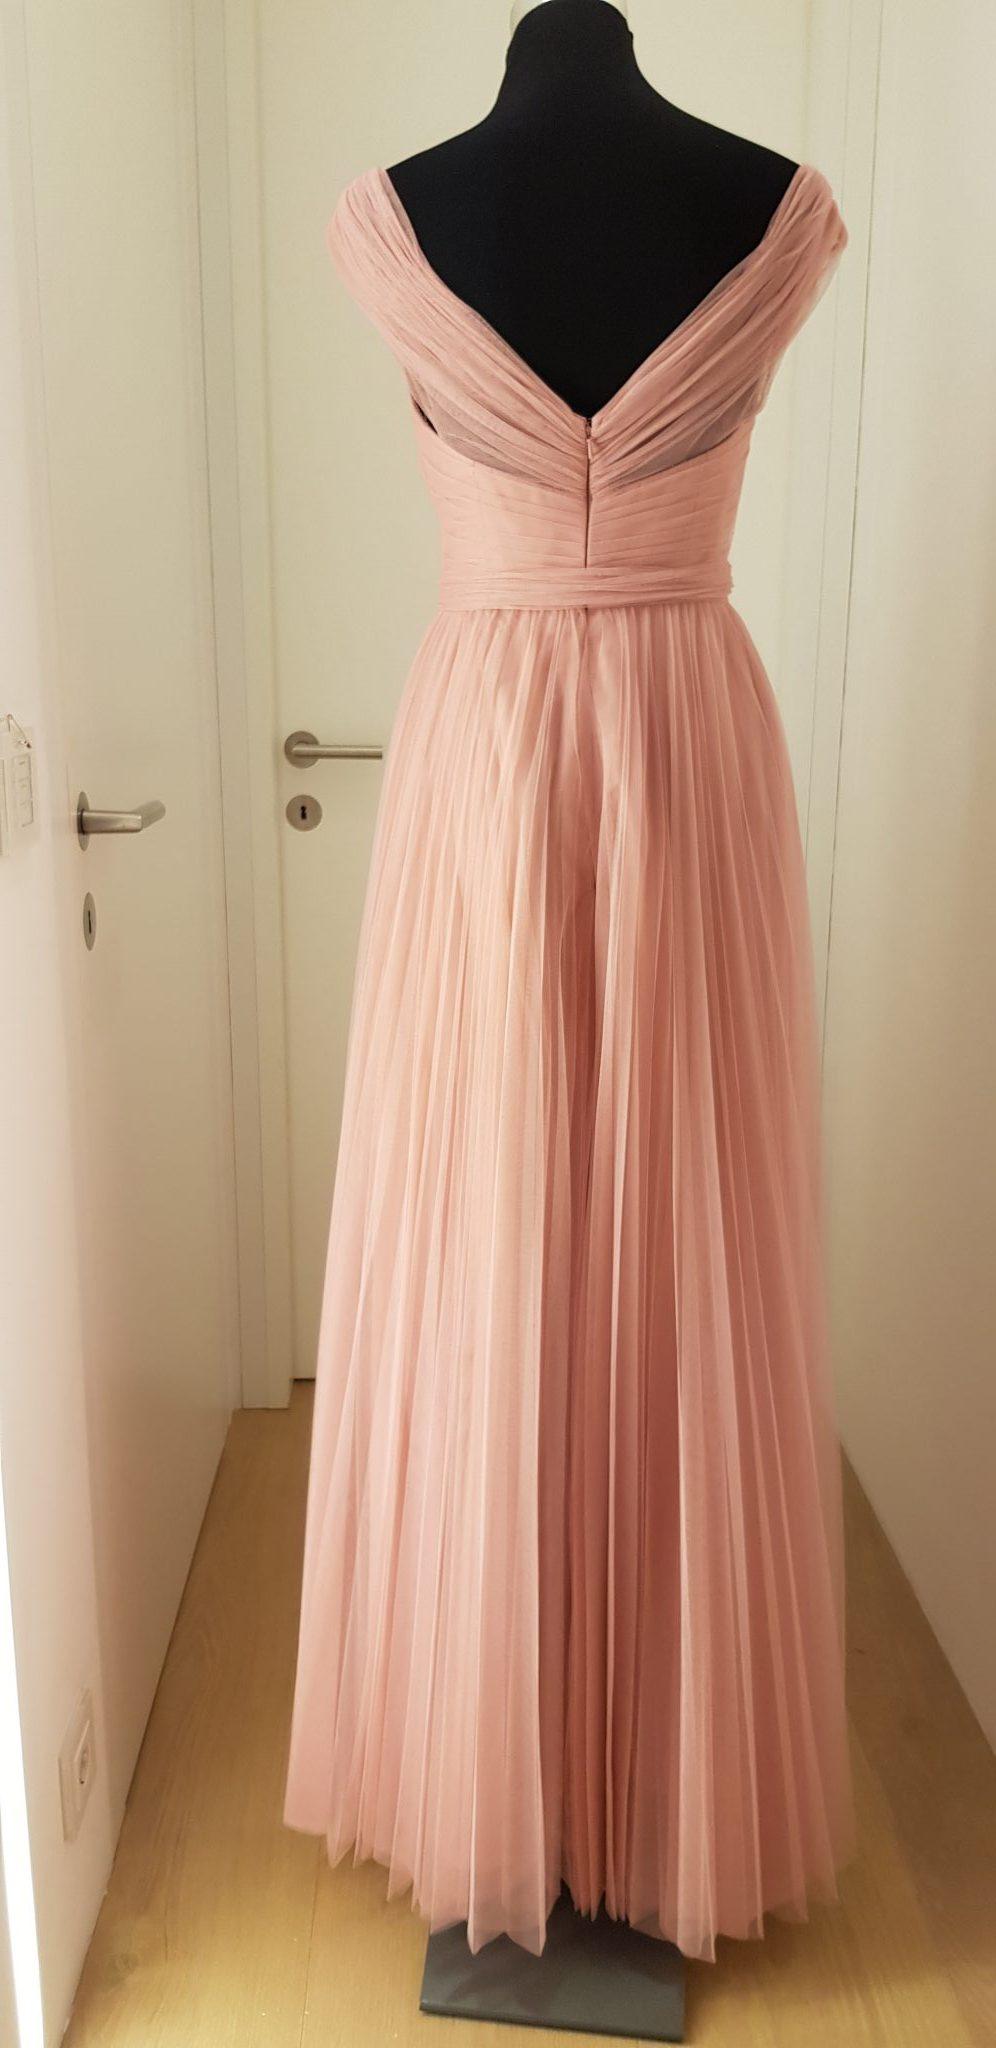 Ballkleid, rosa, Fine Dress - Luxuspuppe-Luxusmode aus zweiter Hand